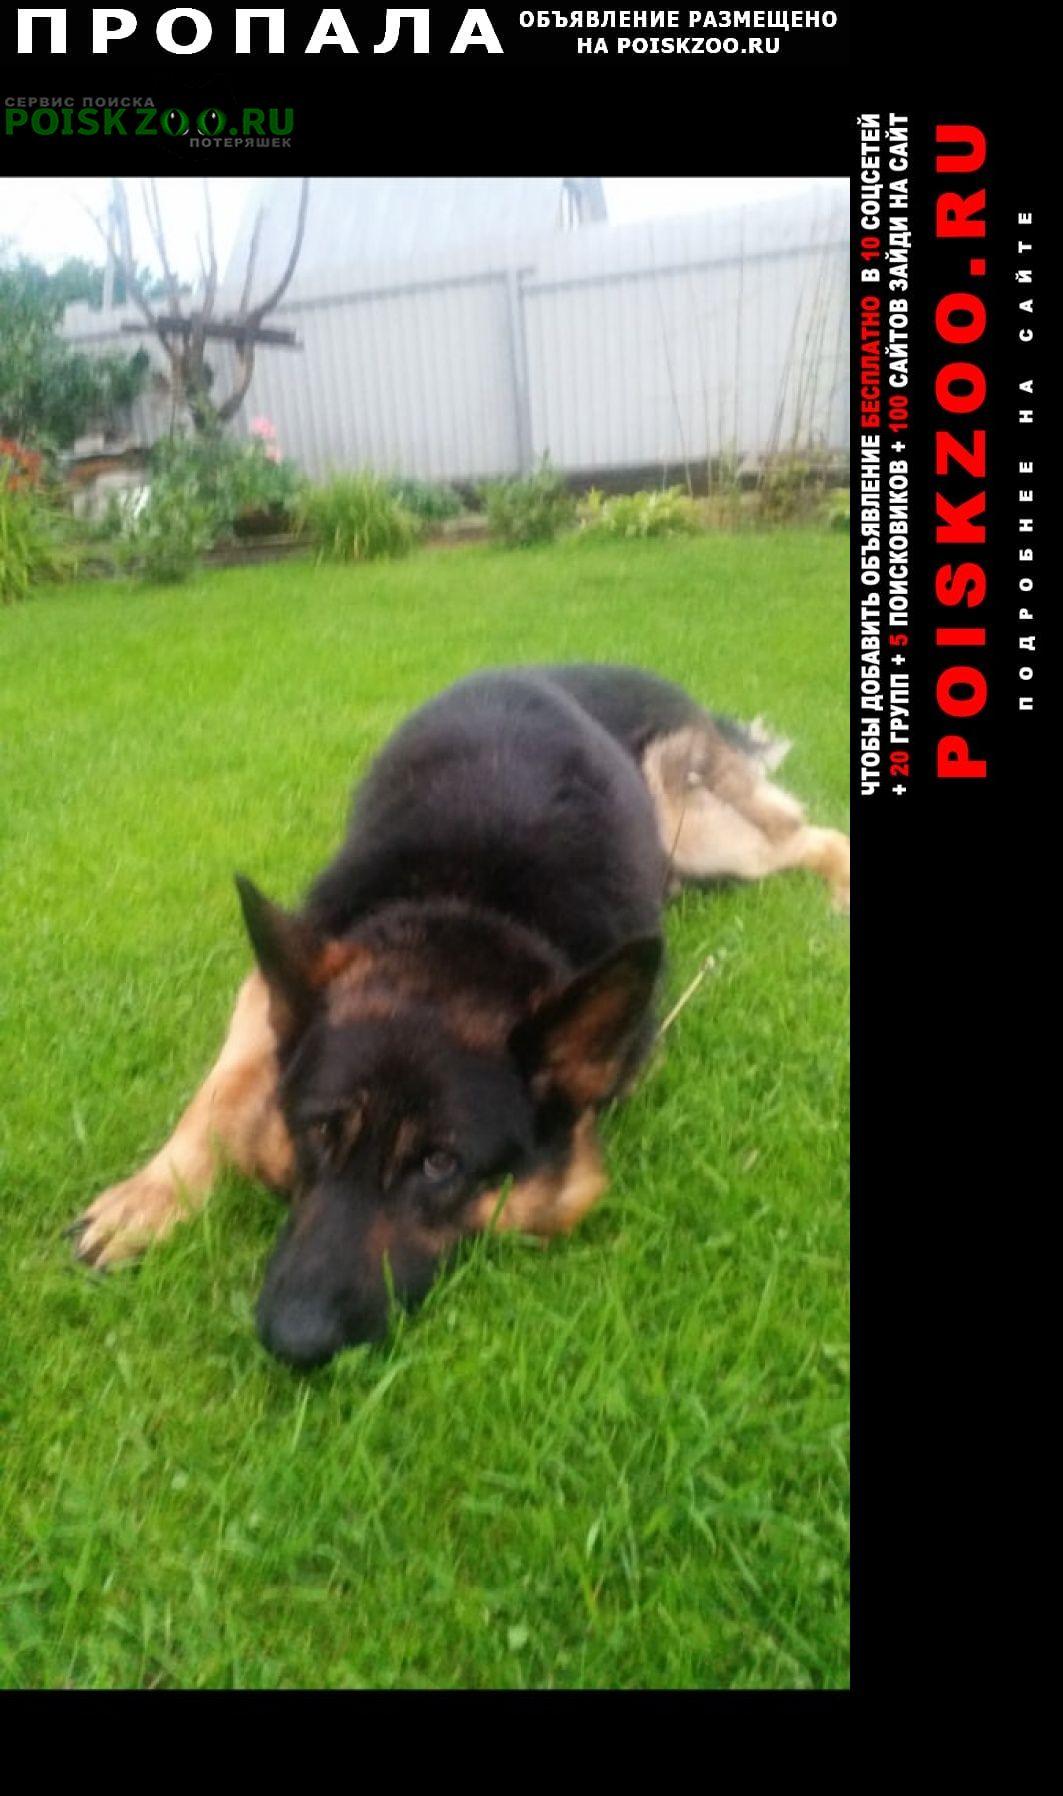 Пропала собака кобель кличка рик Деденево